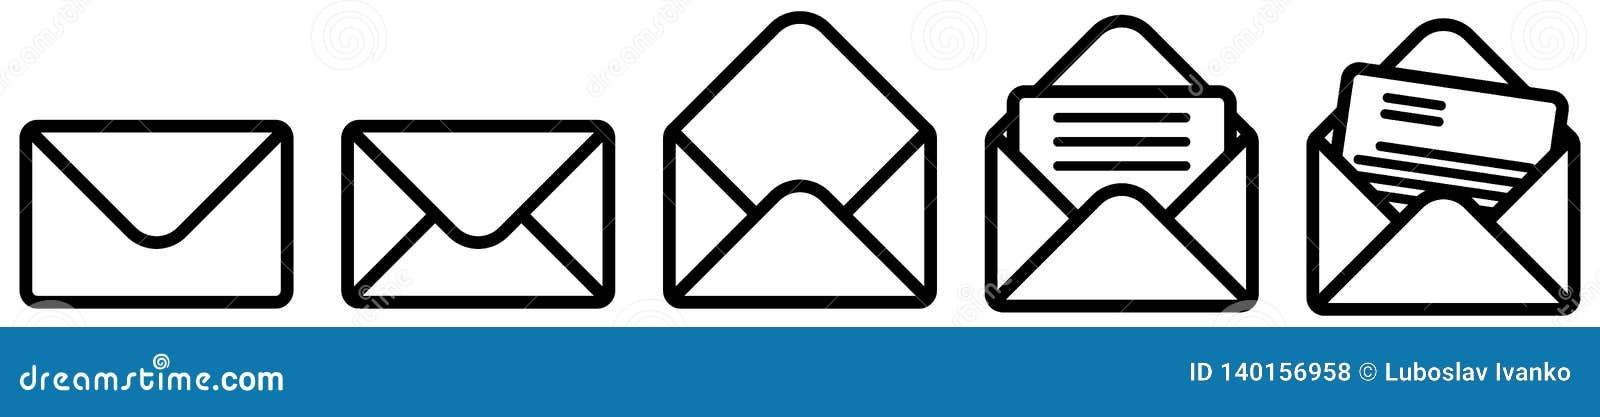 Prości koperty znak, zamknięty, rozpieczętowany i z dokumentu wersją Może używać jako poczty, emaila ikona/